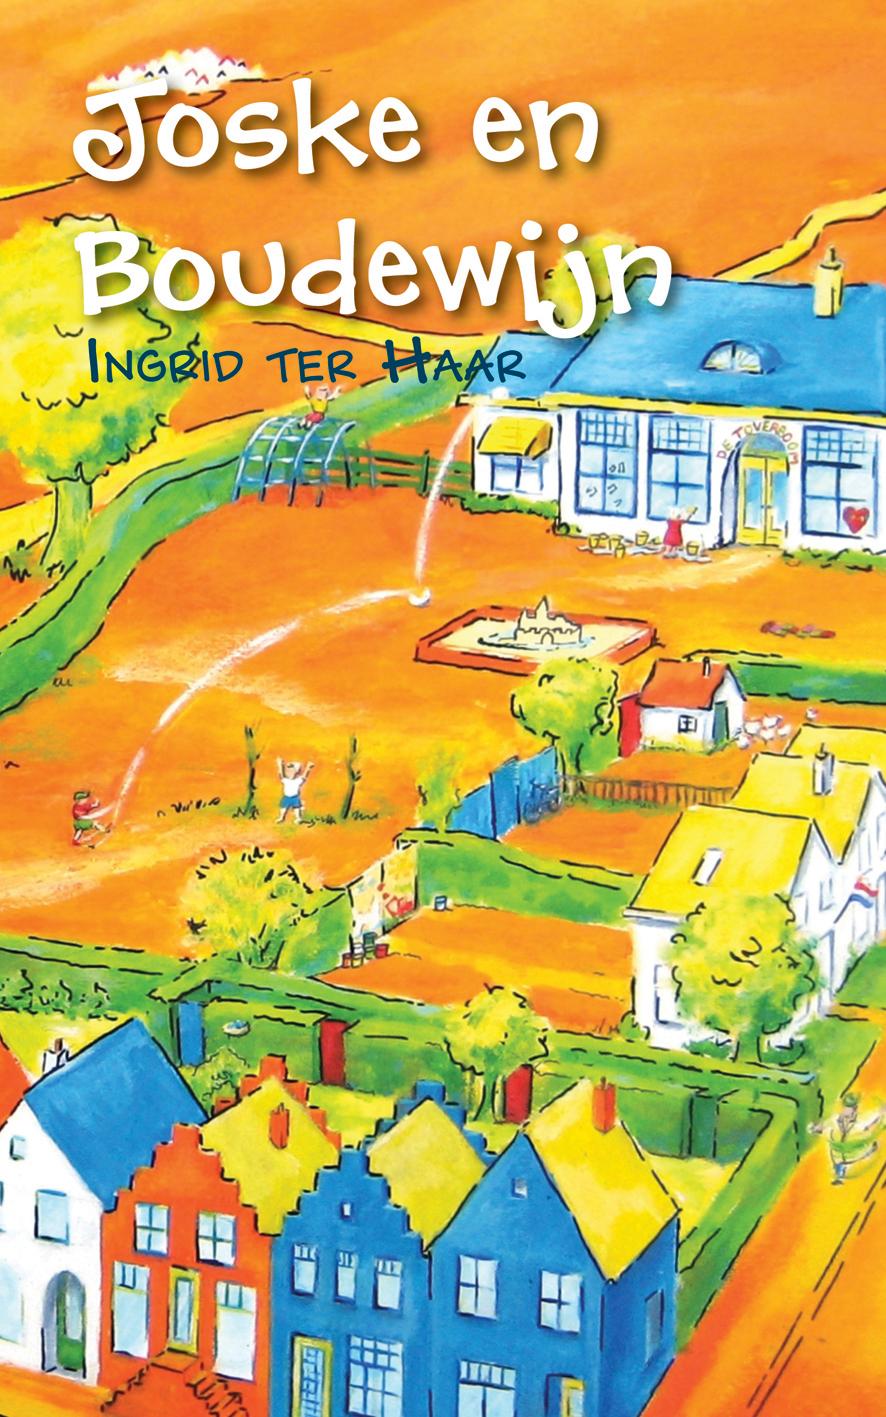 Joske en Boudewijn